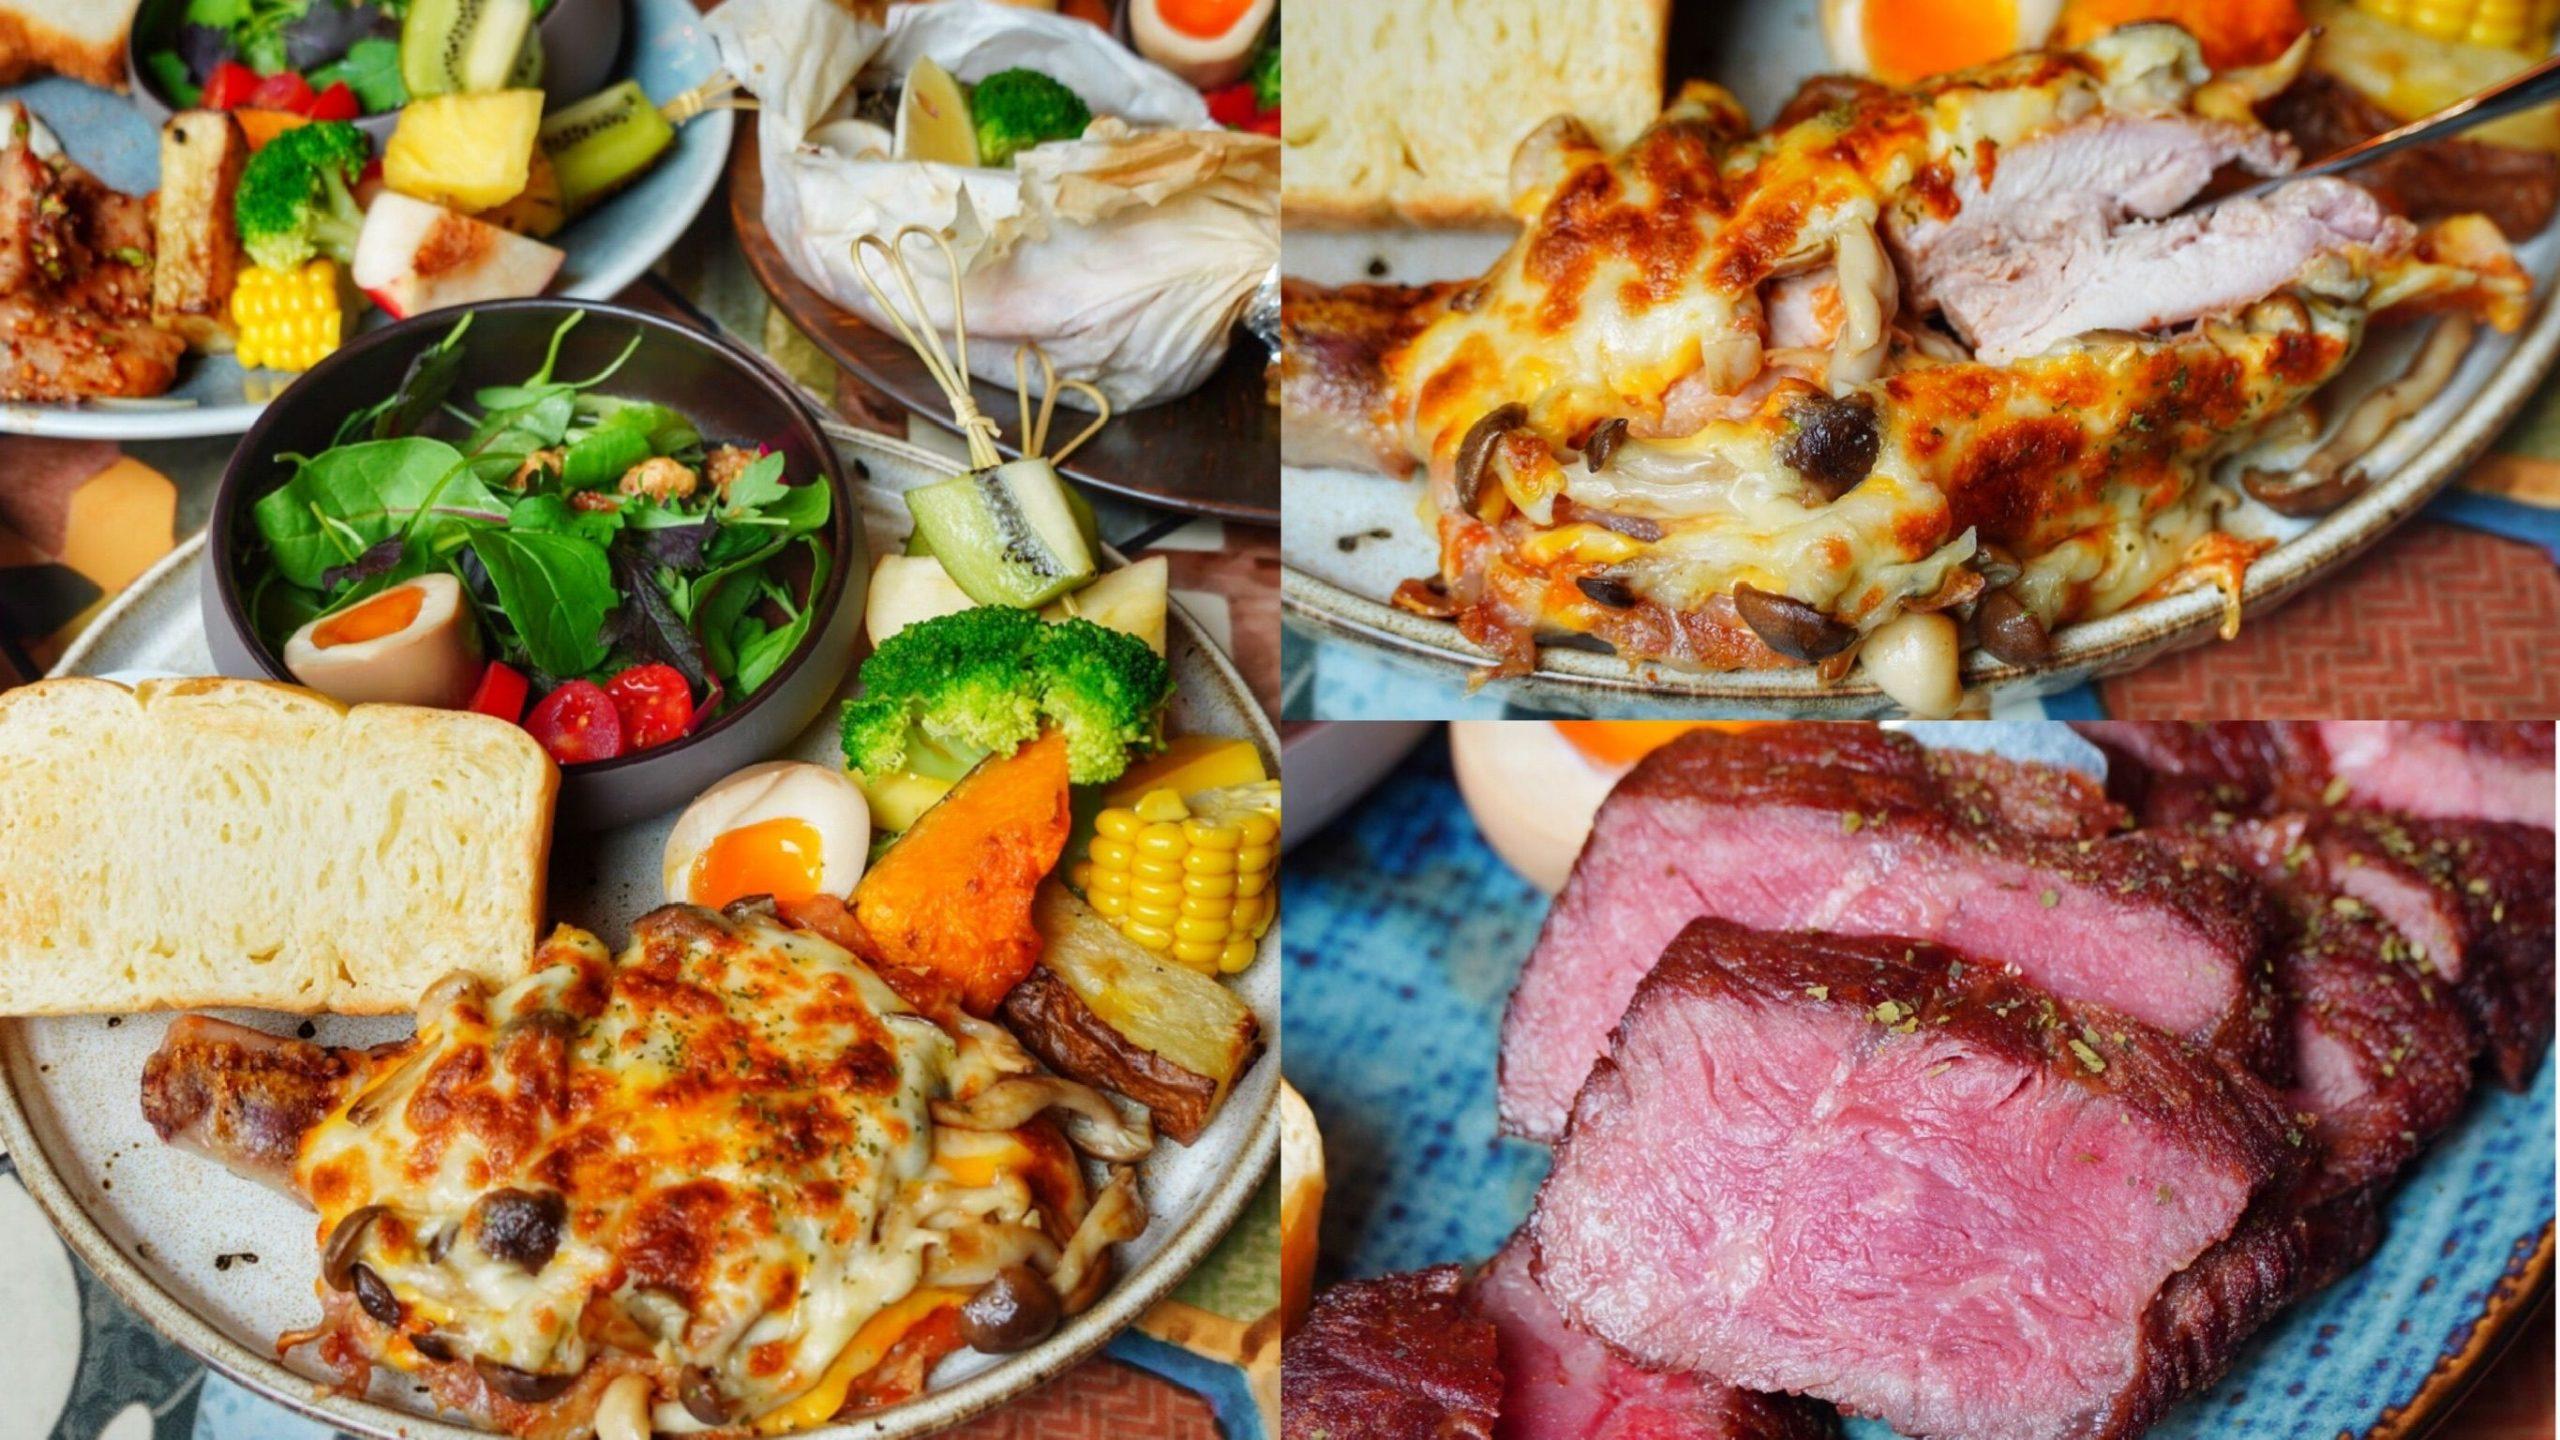 台南超厲害早午餐【艾柏達咖啡餐酒館】全新風格登場!炙烤起司雞腿/牛排/紙包海鮮 cp值超高的早午餐|中西區美食